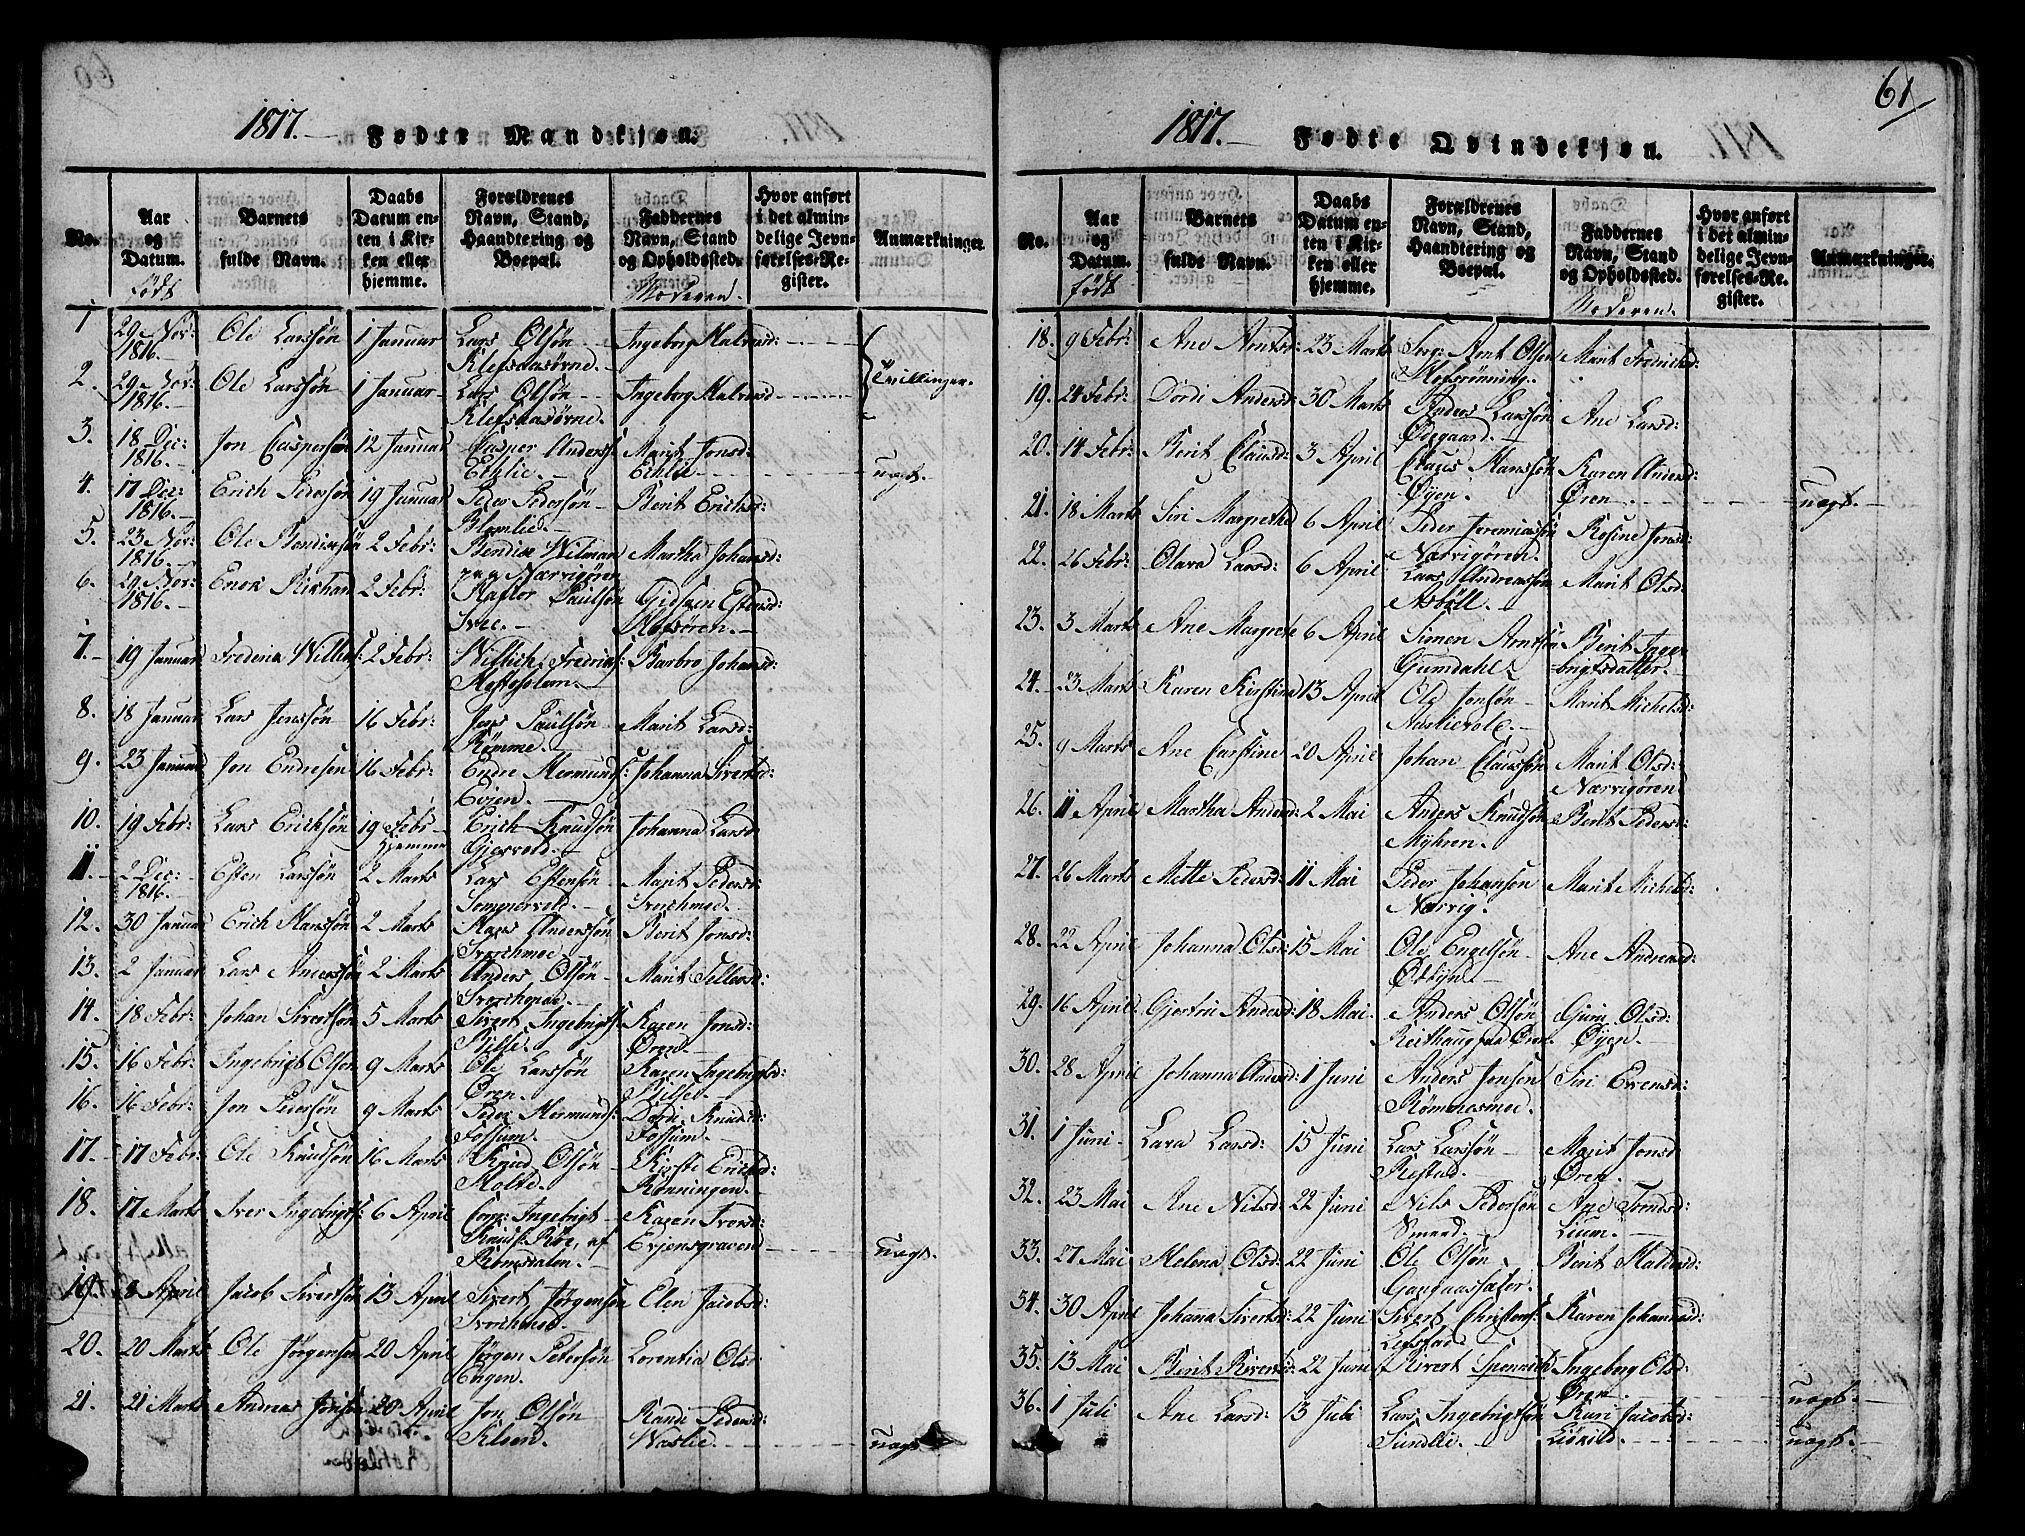 SAT, Ministerialprotokoller, klokkerbøker og fødselsregistre - Sør-Trøndelag, 668/L0803: Ministerialbok nr. 668A03, 1800-1826, s. 61